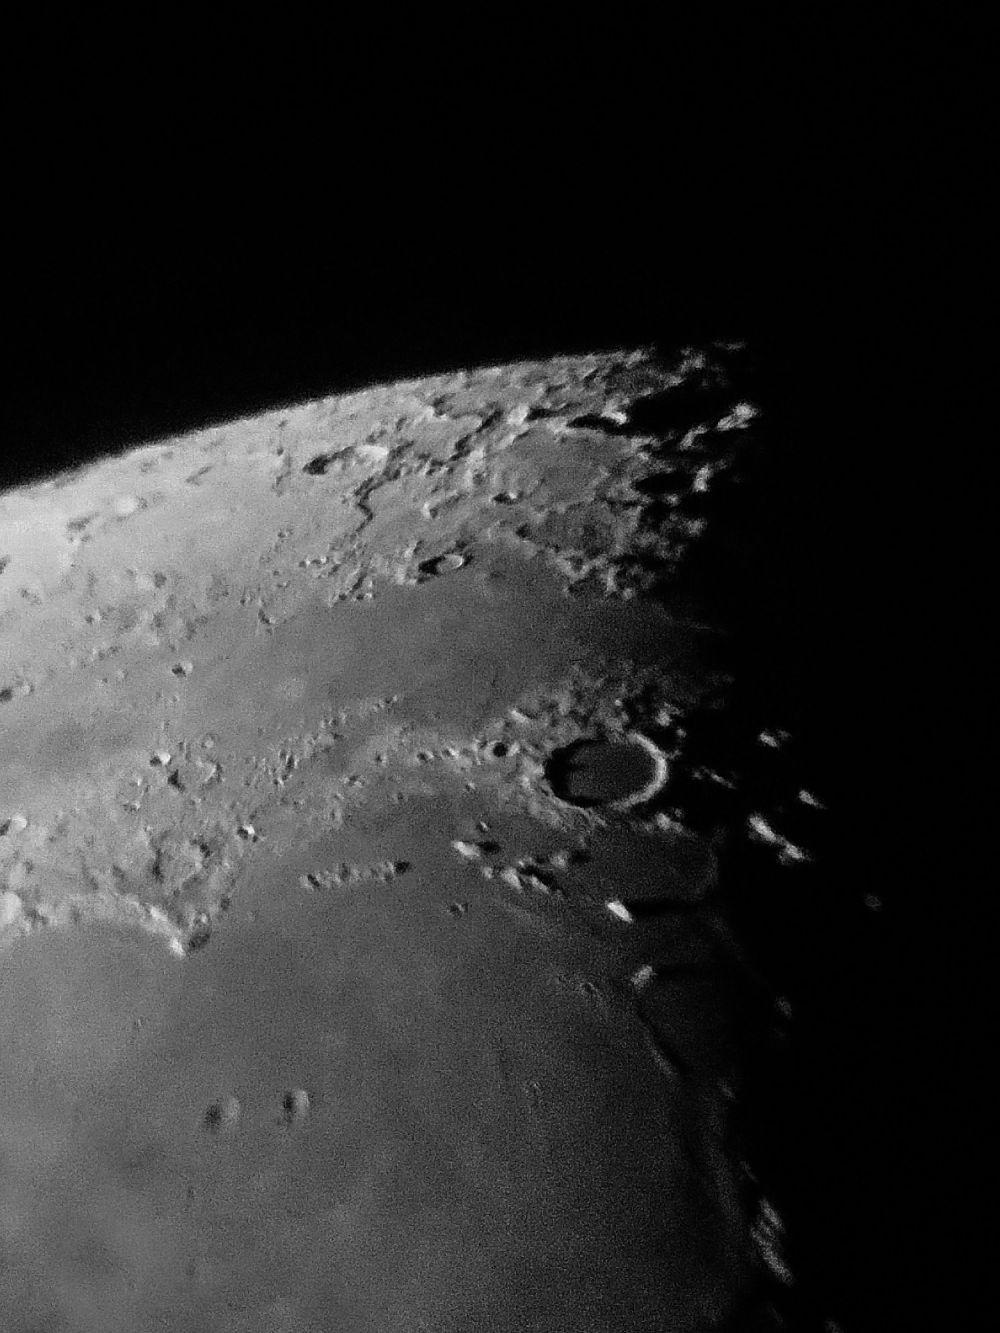 Лунные кратеры 10.10.2020 (1)